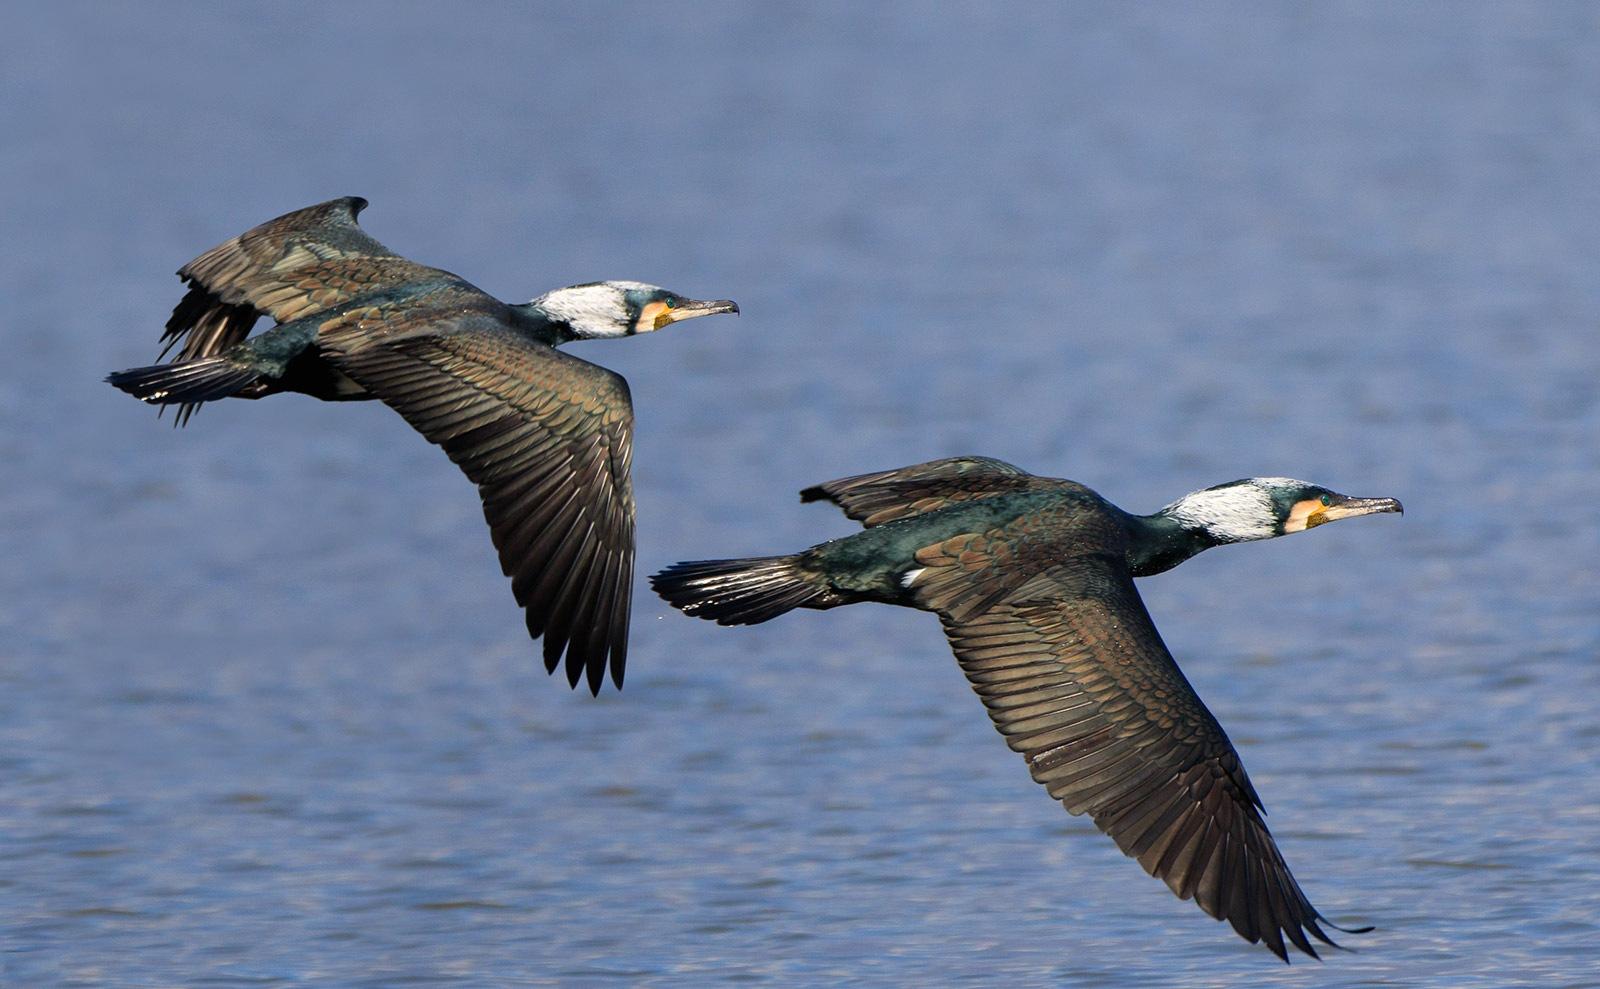 Enjoying a thrilling flying t!!! by Sotiris Siomis